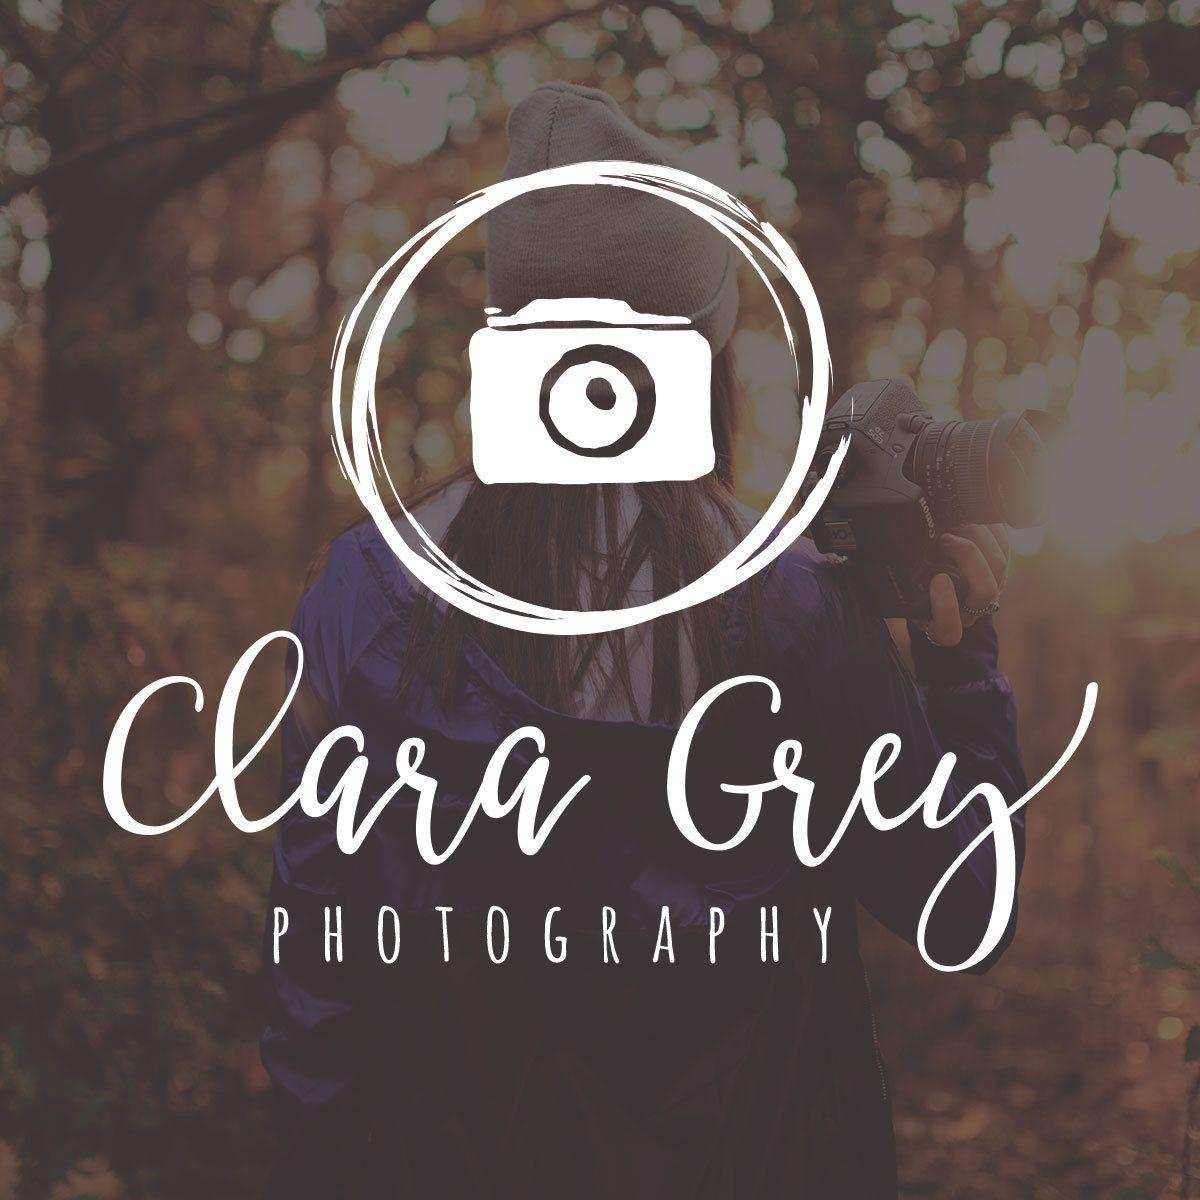 Logos und mehr für Fotografen Photography logos